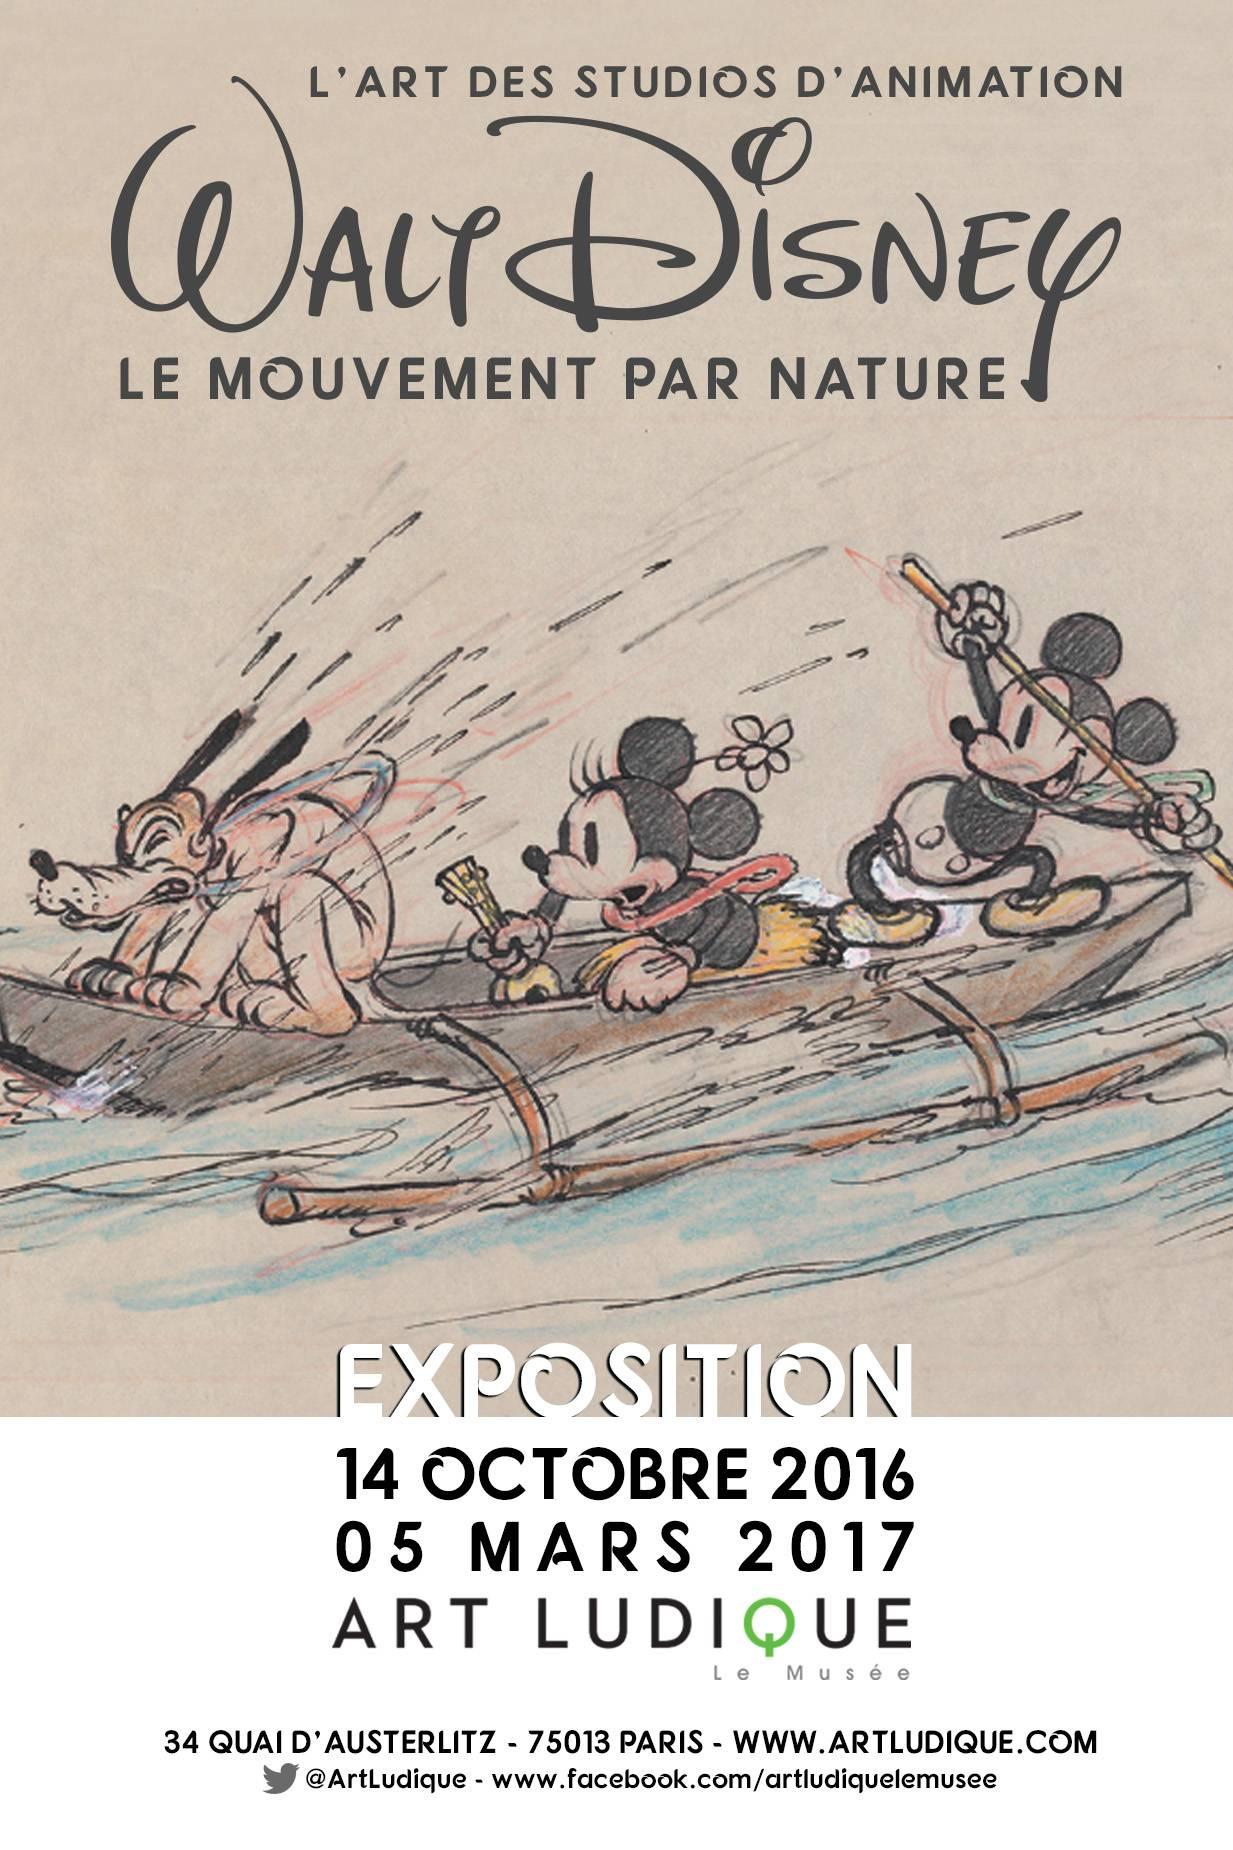 la-magie-des-studios-danimation-walt-disney-bientot-au-musee-art-ludique